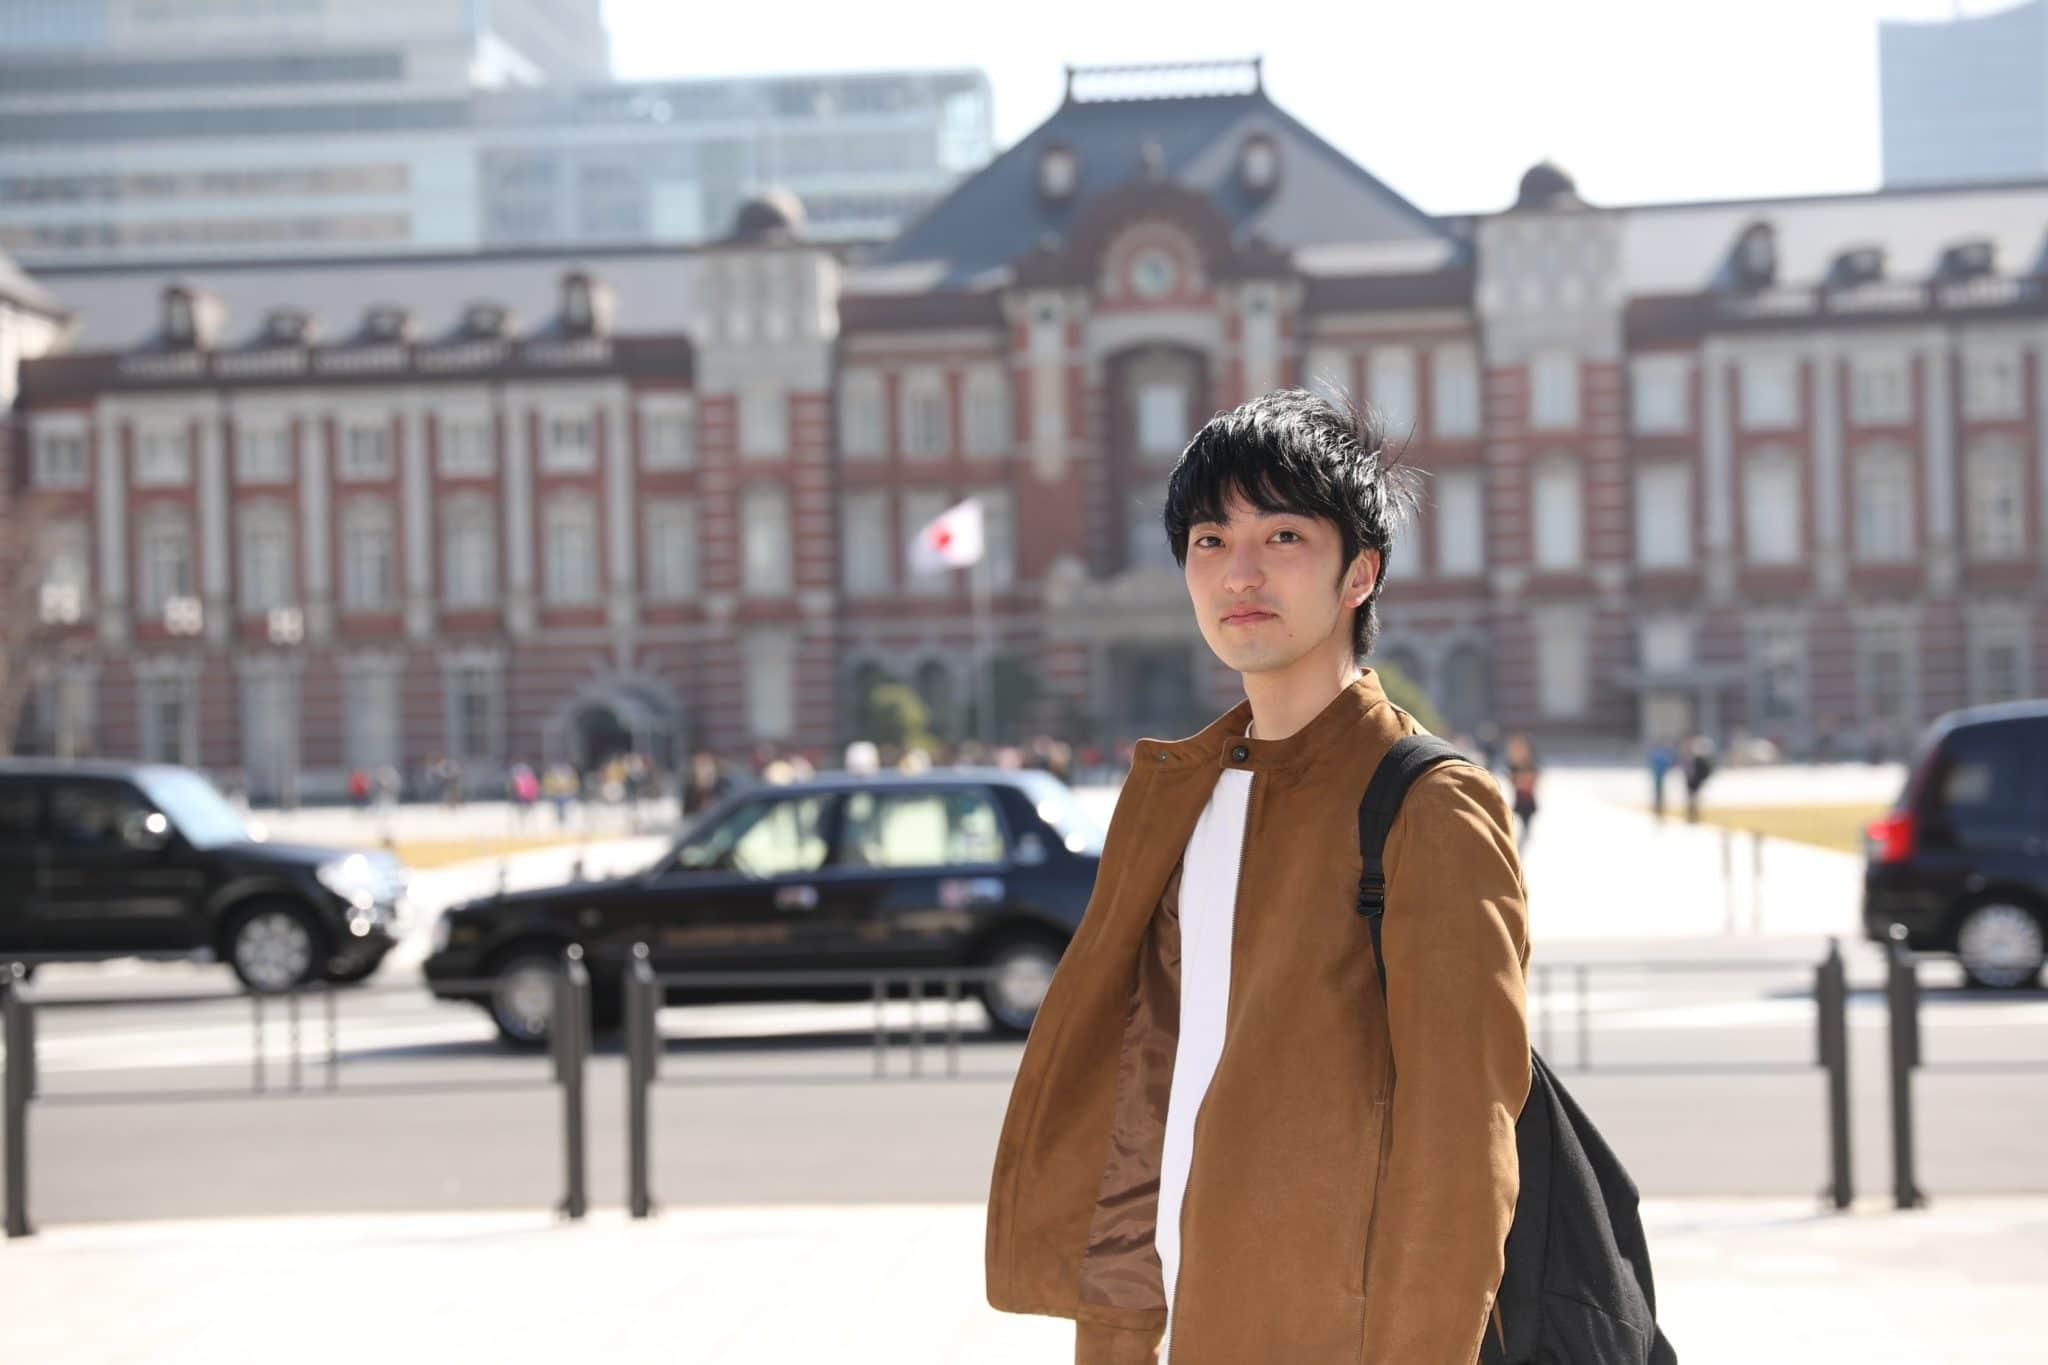 【上京就活】東京で働く3つのメリットとは?地方就活生が注意すべきポイント